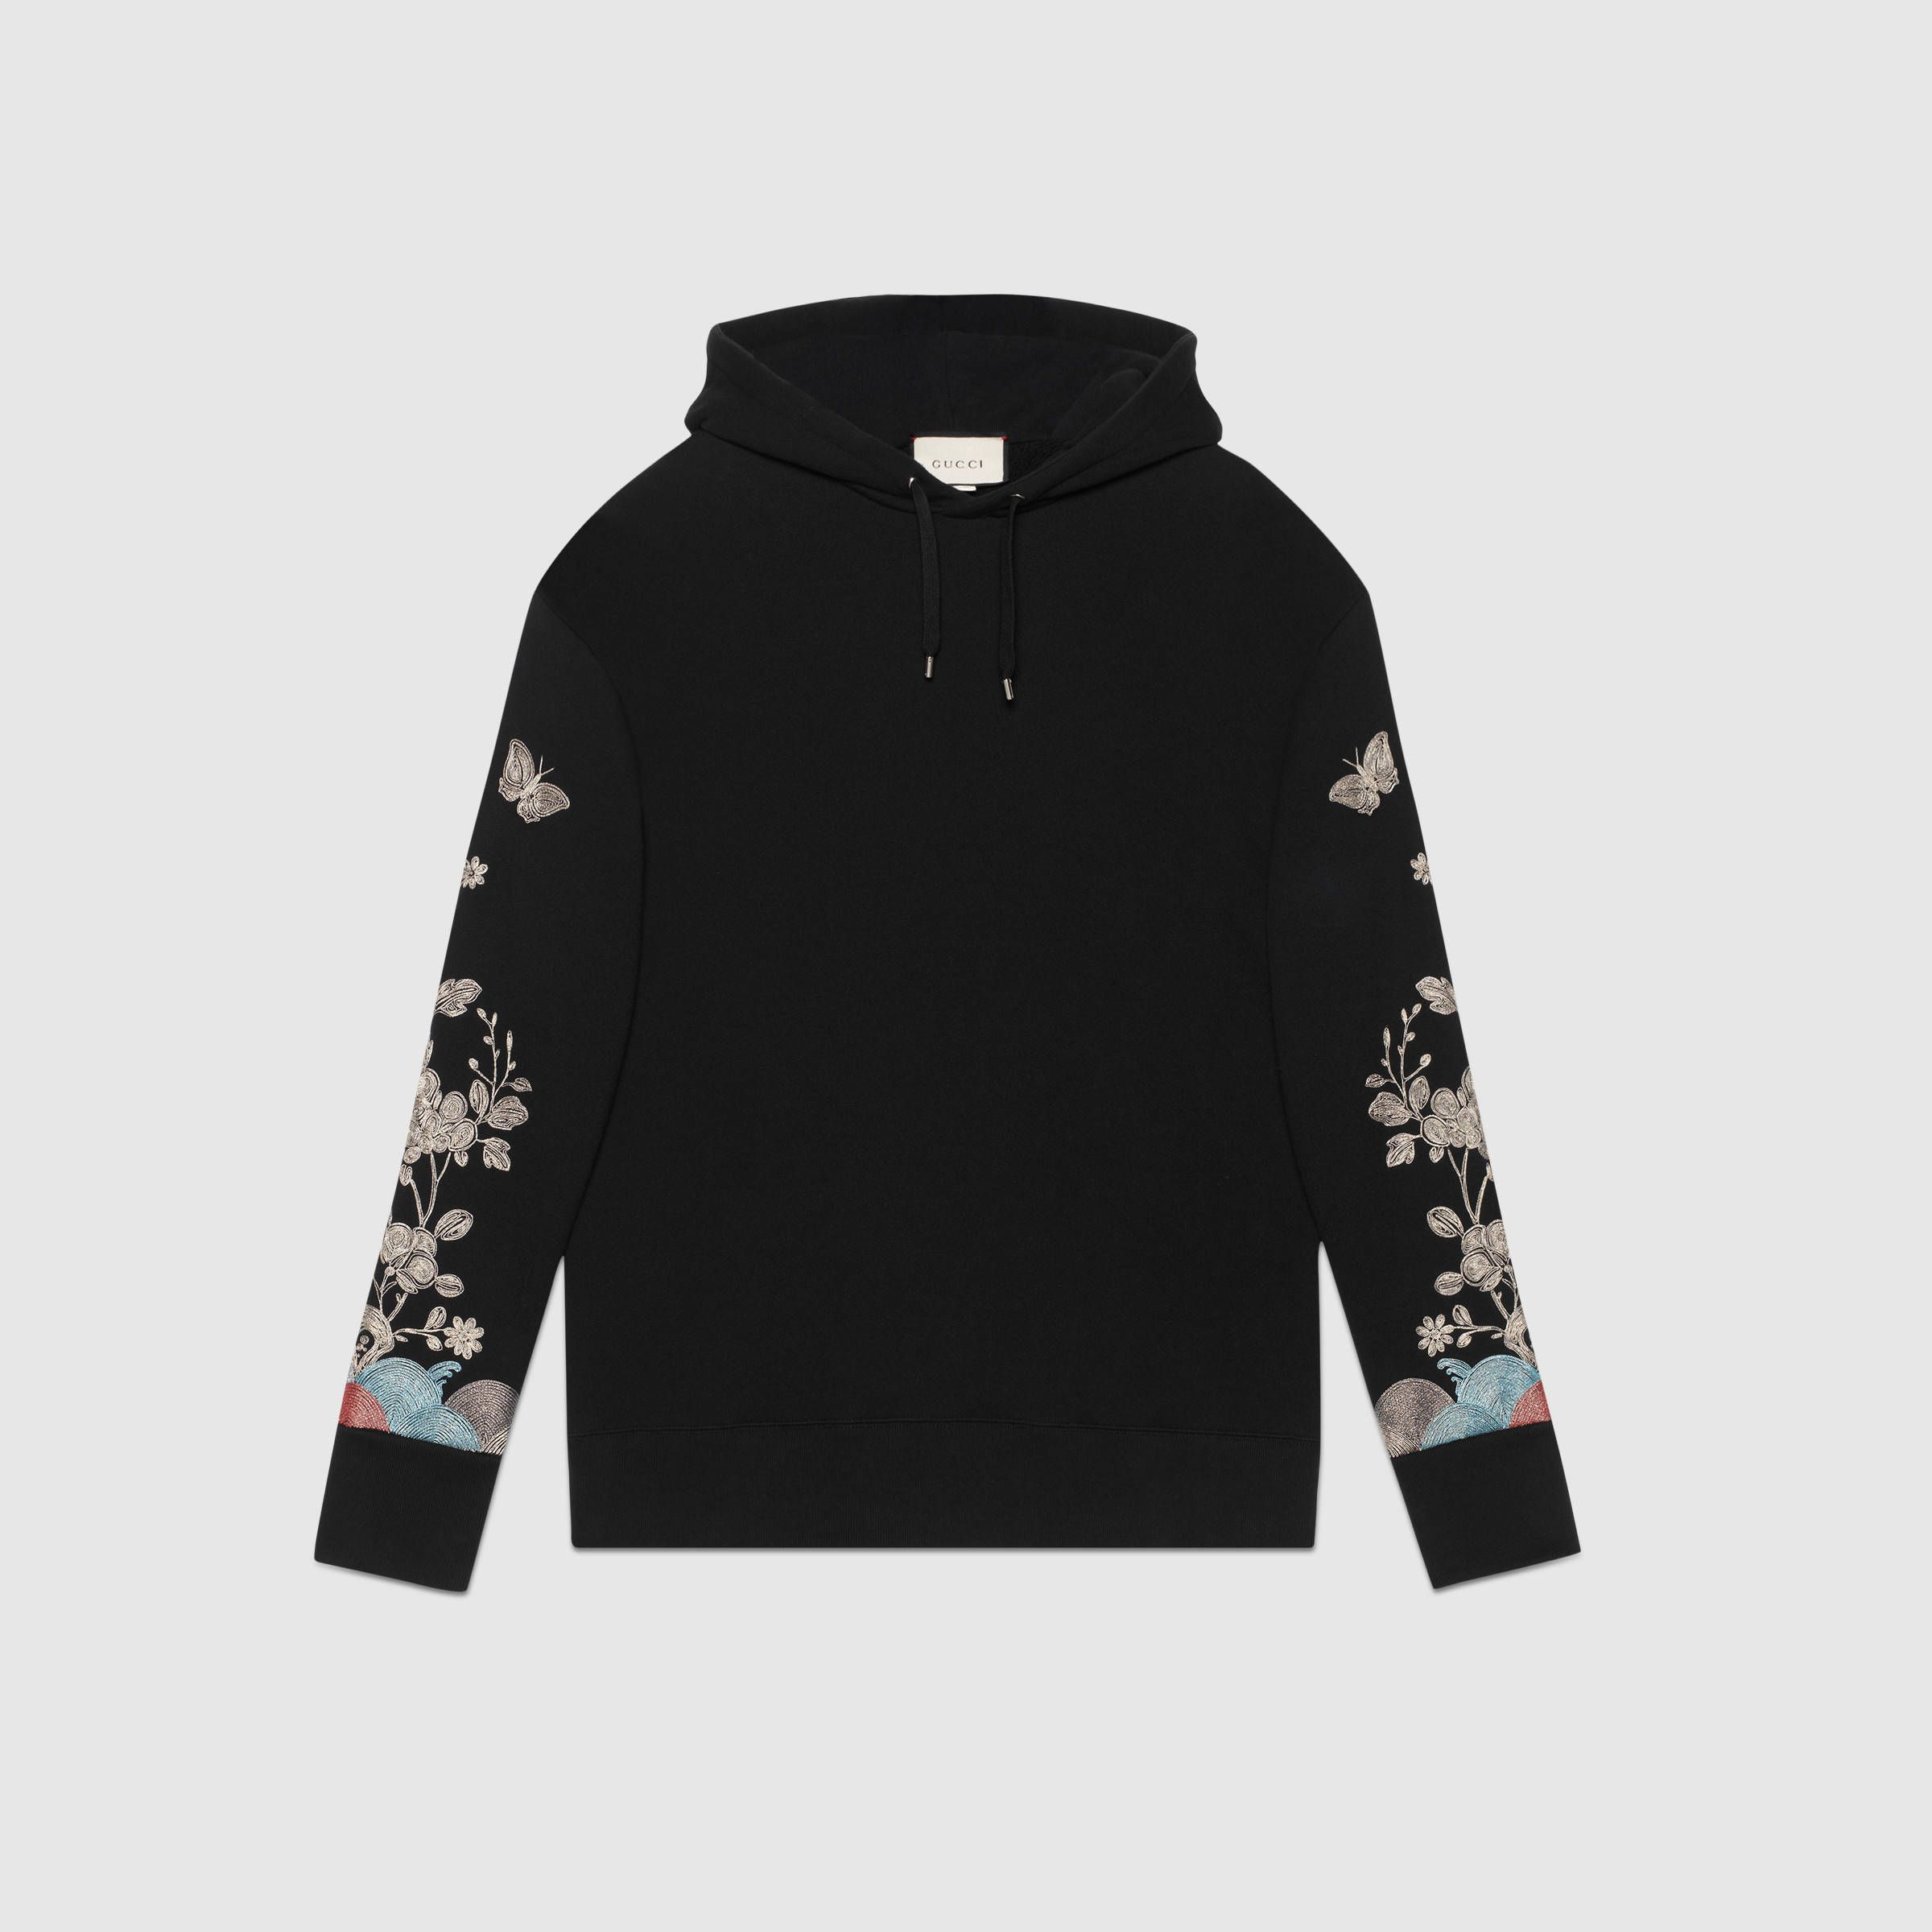 Gucci Sweatshirt With Metallic Embroidery